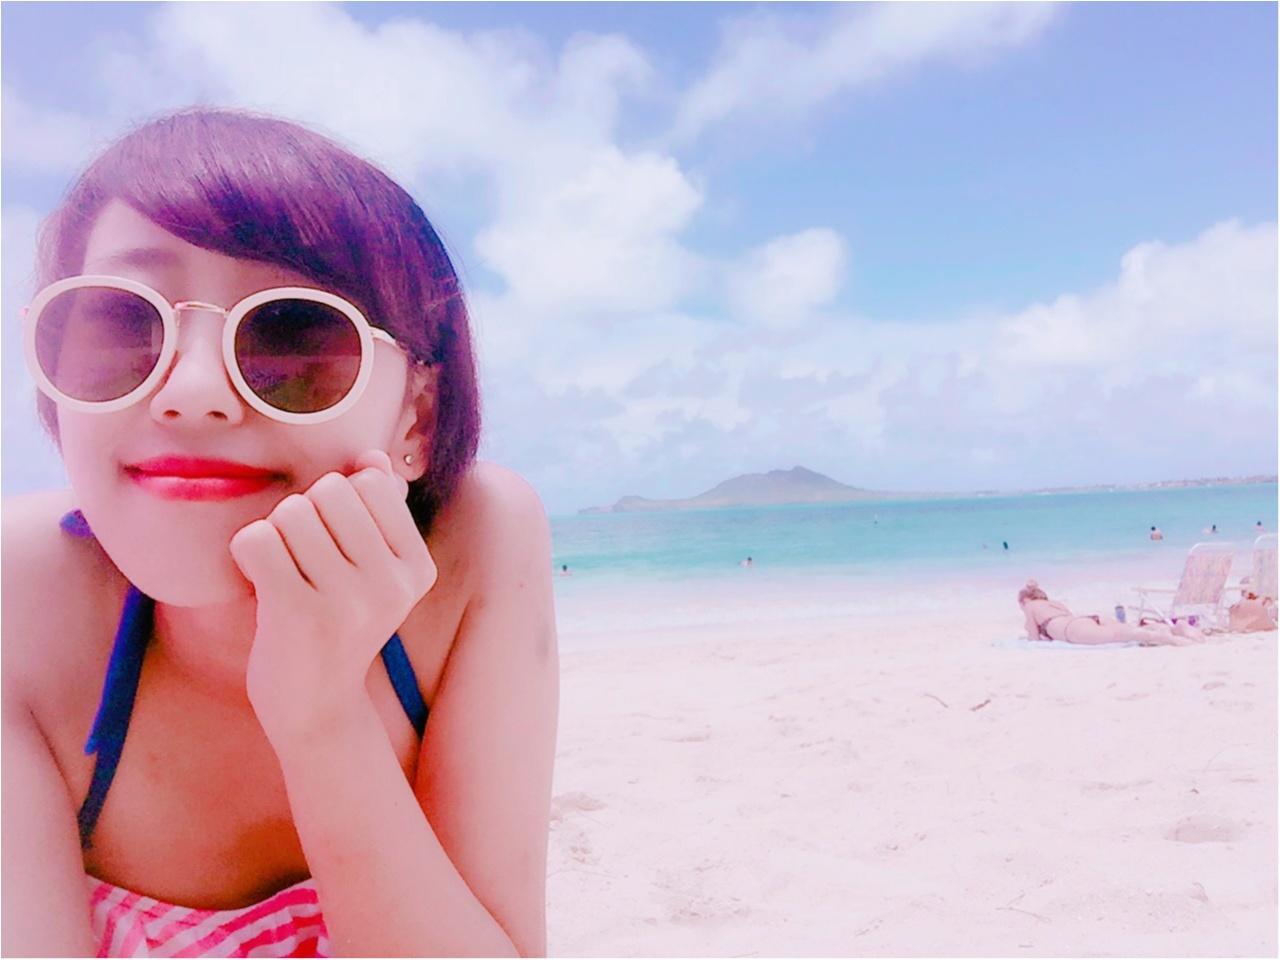 【夏休み】Hawaiiに行く人必見のayaneおすすめスポット!_5